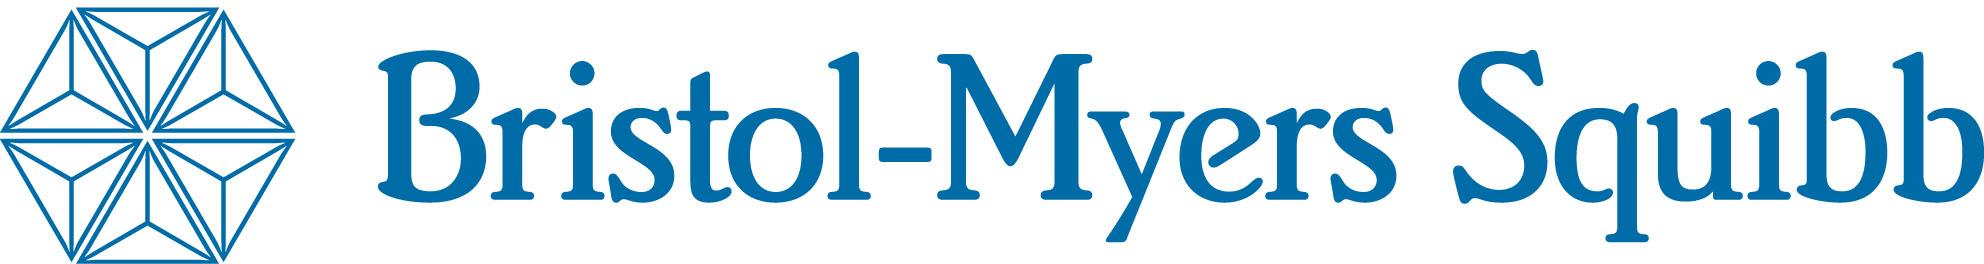 bristol myer squibb logo